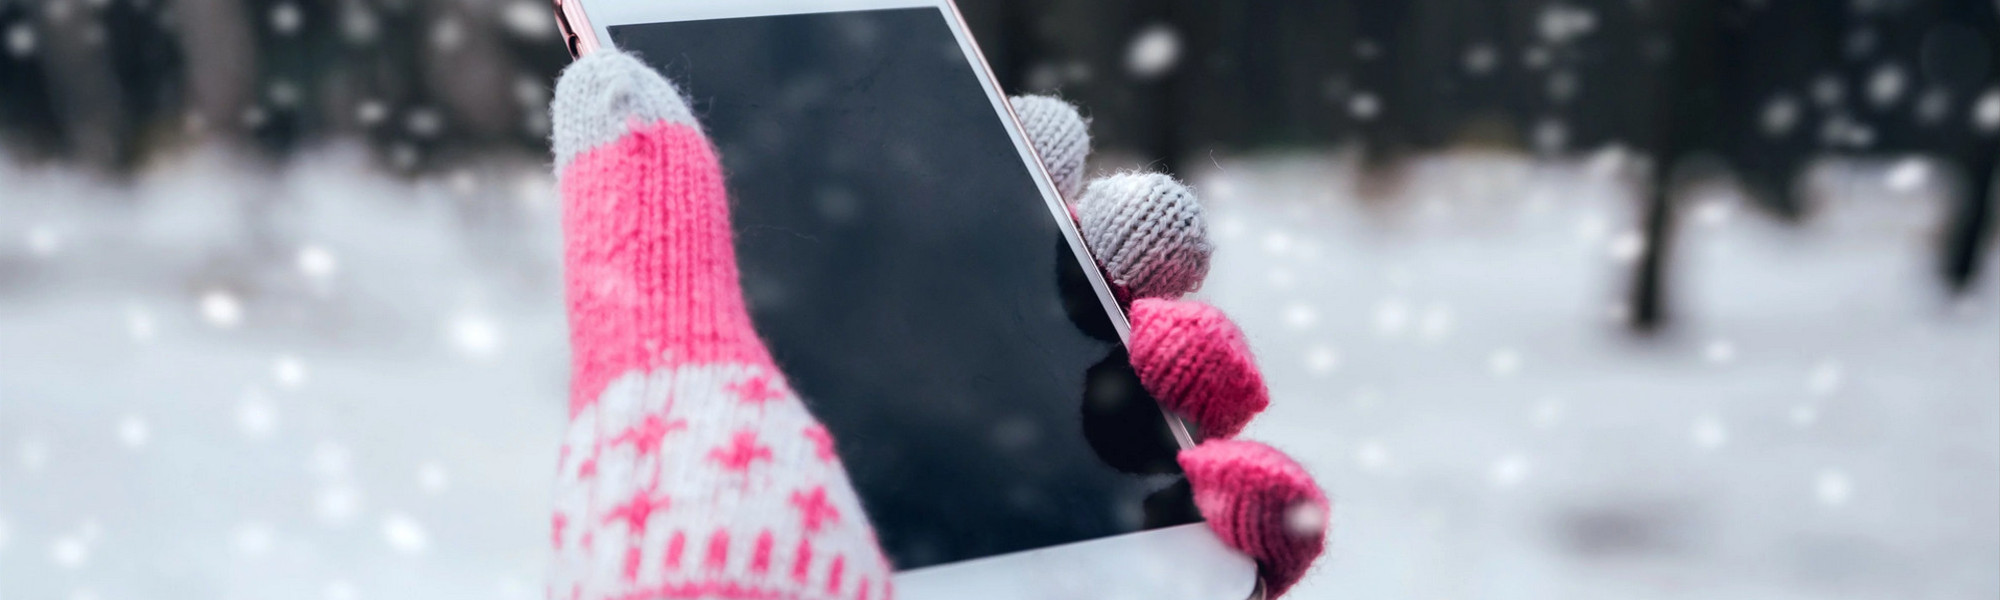 Contacter Angie ski, photo d'une main tenant un téléphone